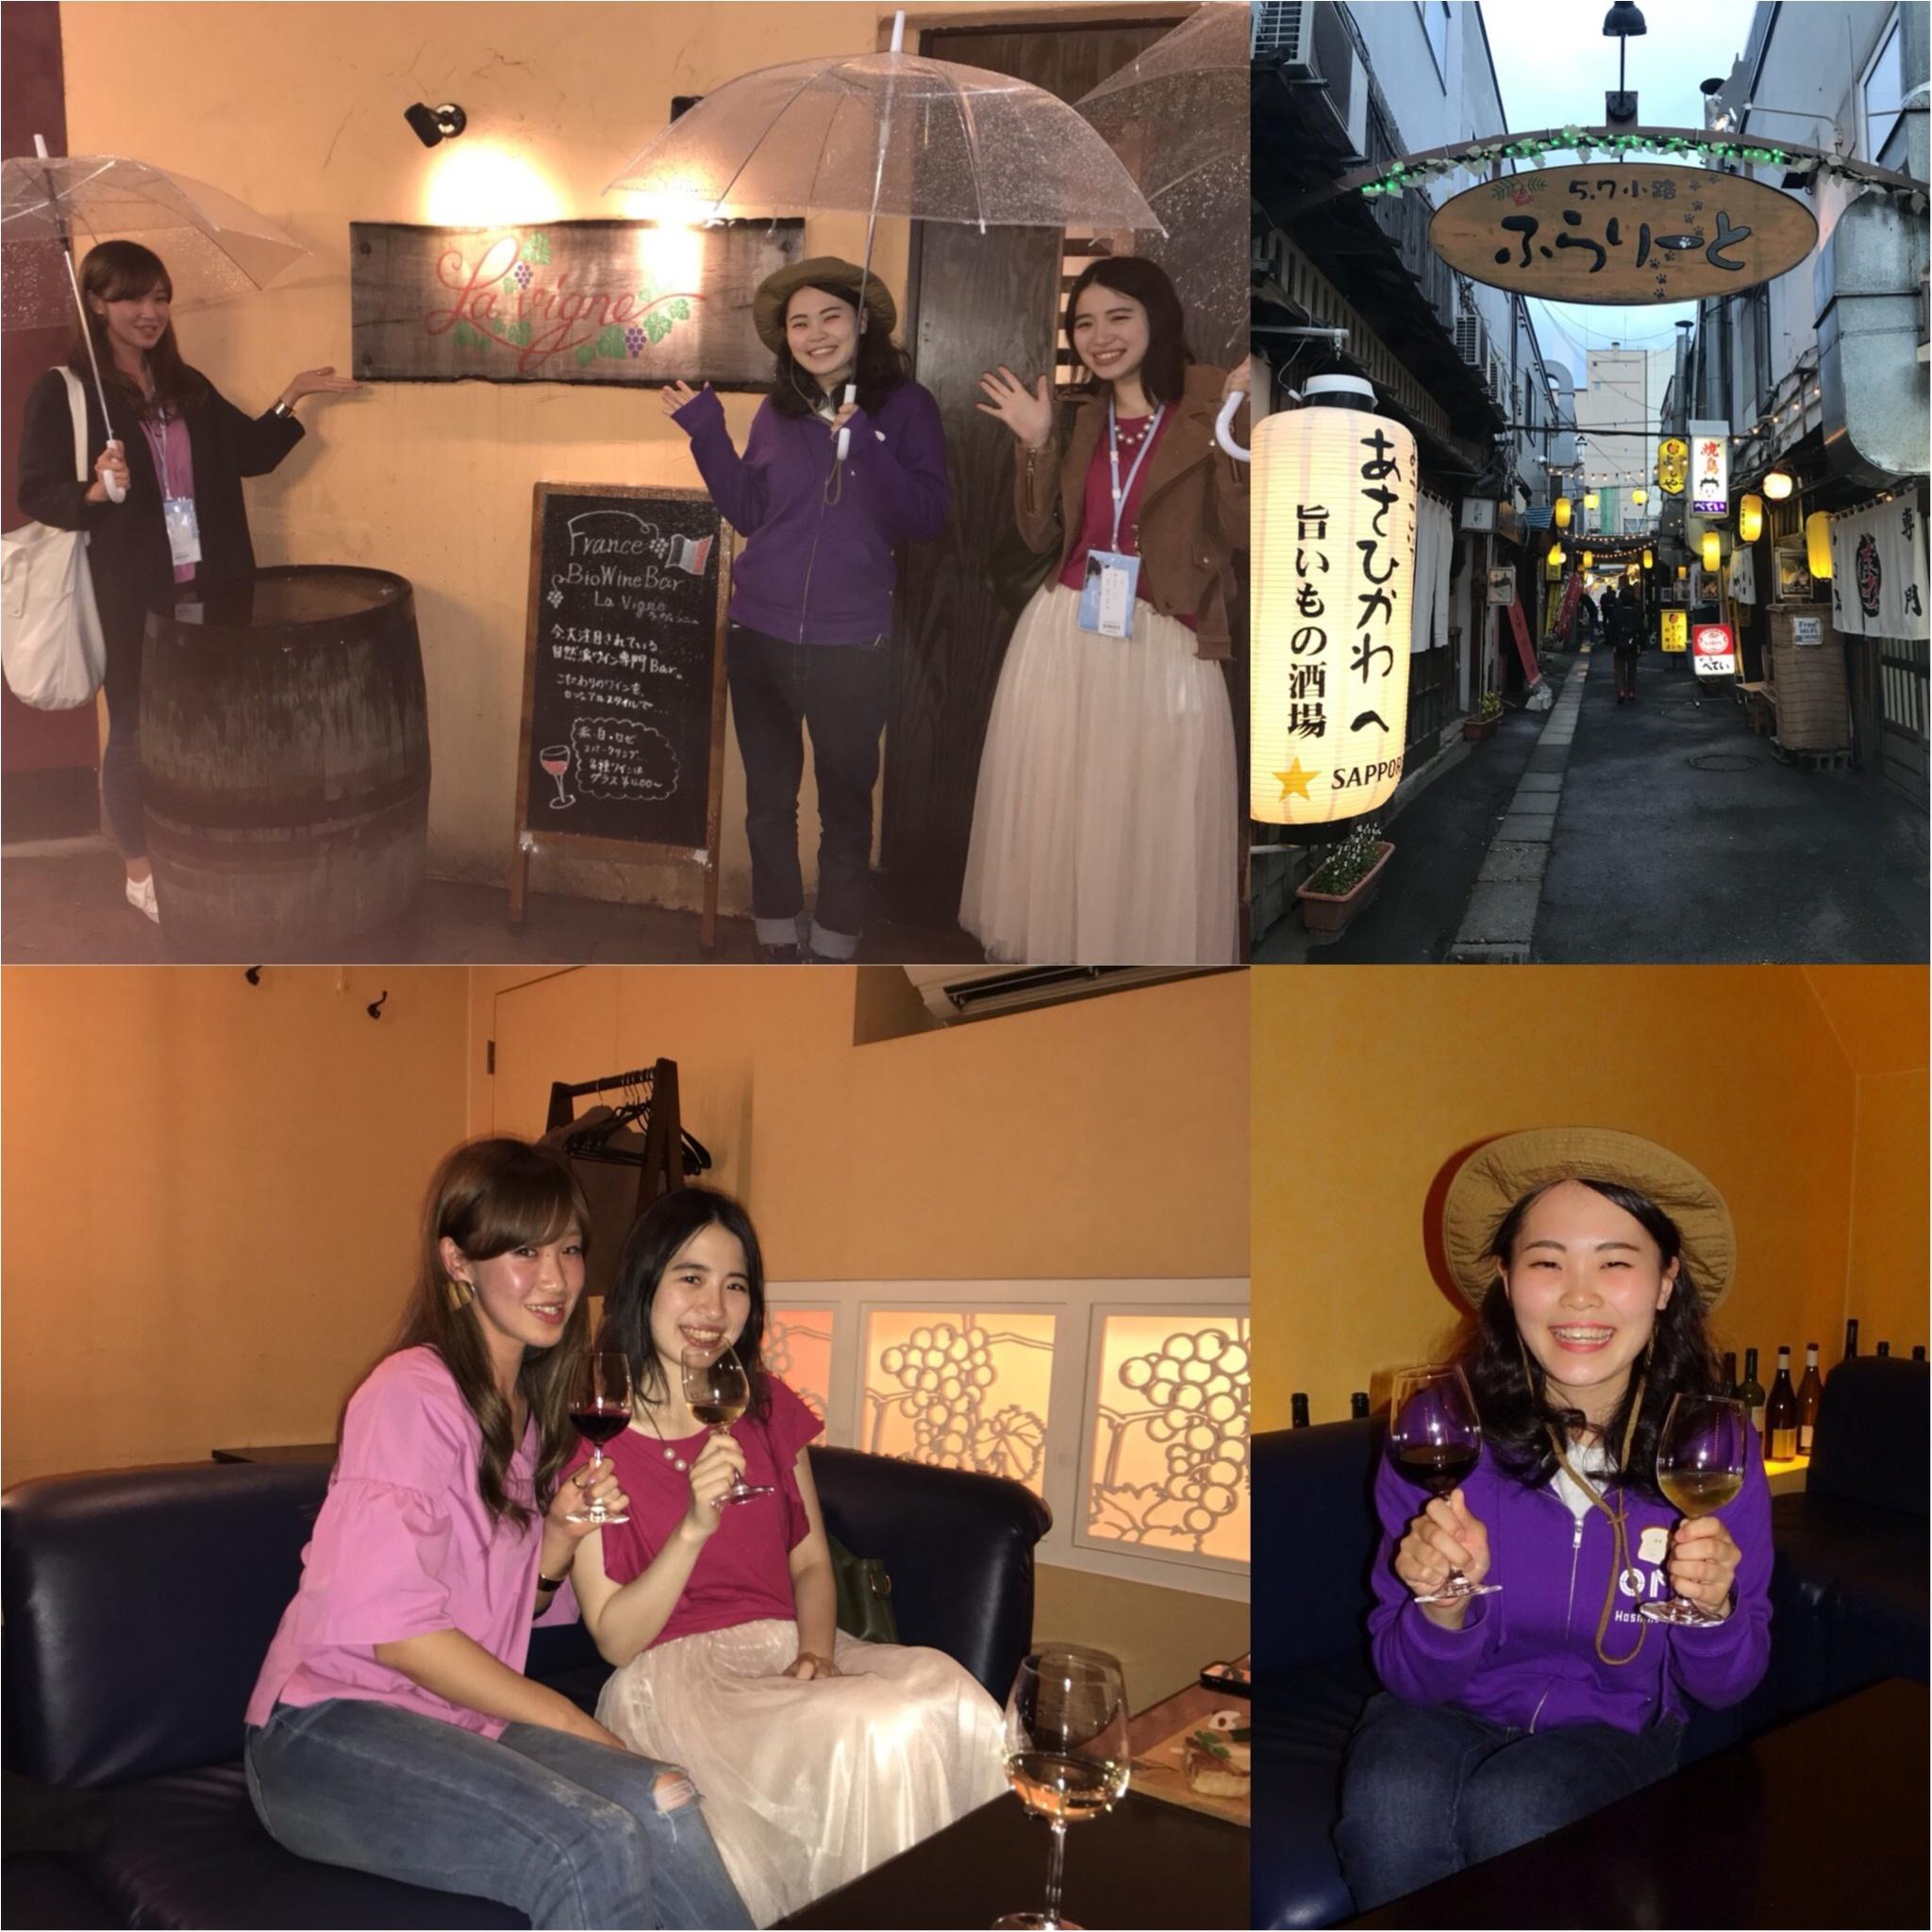 【北海道】『星野リゾート OMO7 旭川』&『星野リゾート トマム』のプレスツアーに参加してきました!女子に嬉しい可愛いお部屋や貴重な体験も!_8